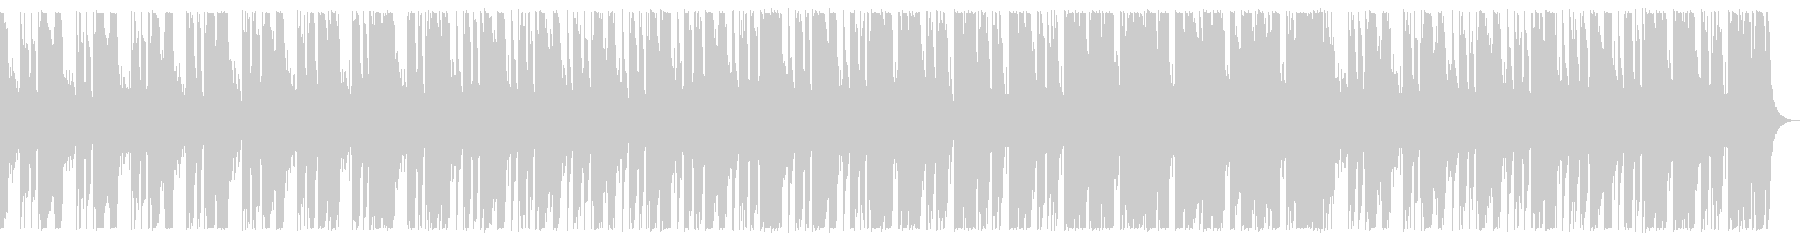 ベースとドラム中心のダークなBGMの未再生の波形